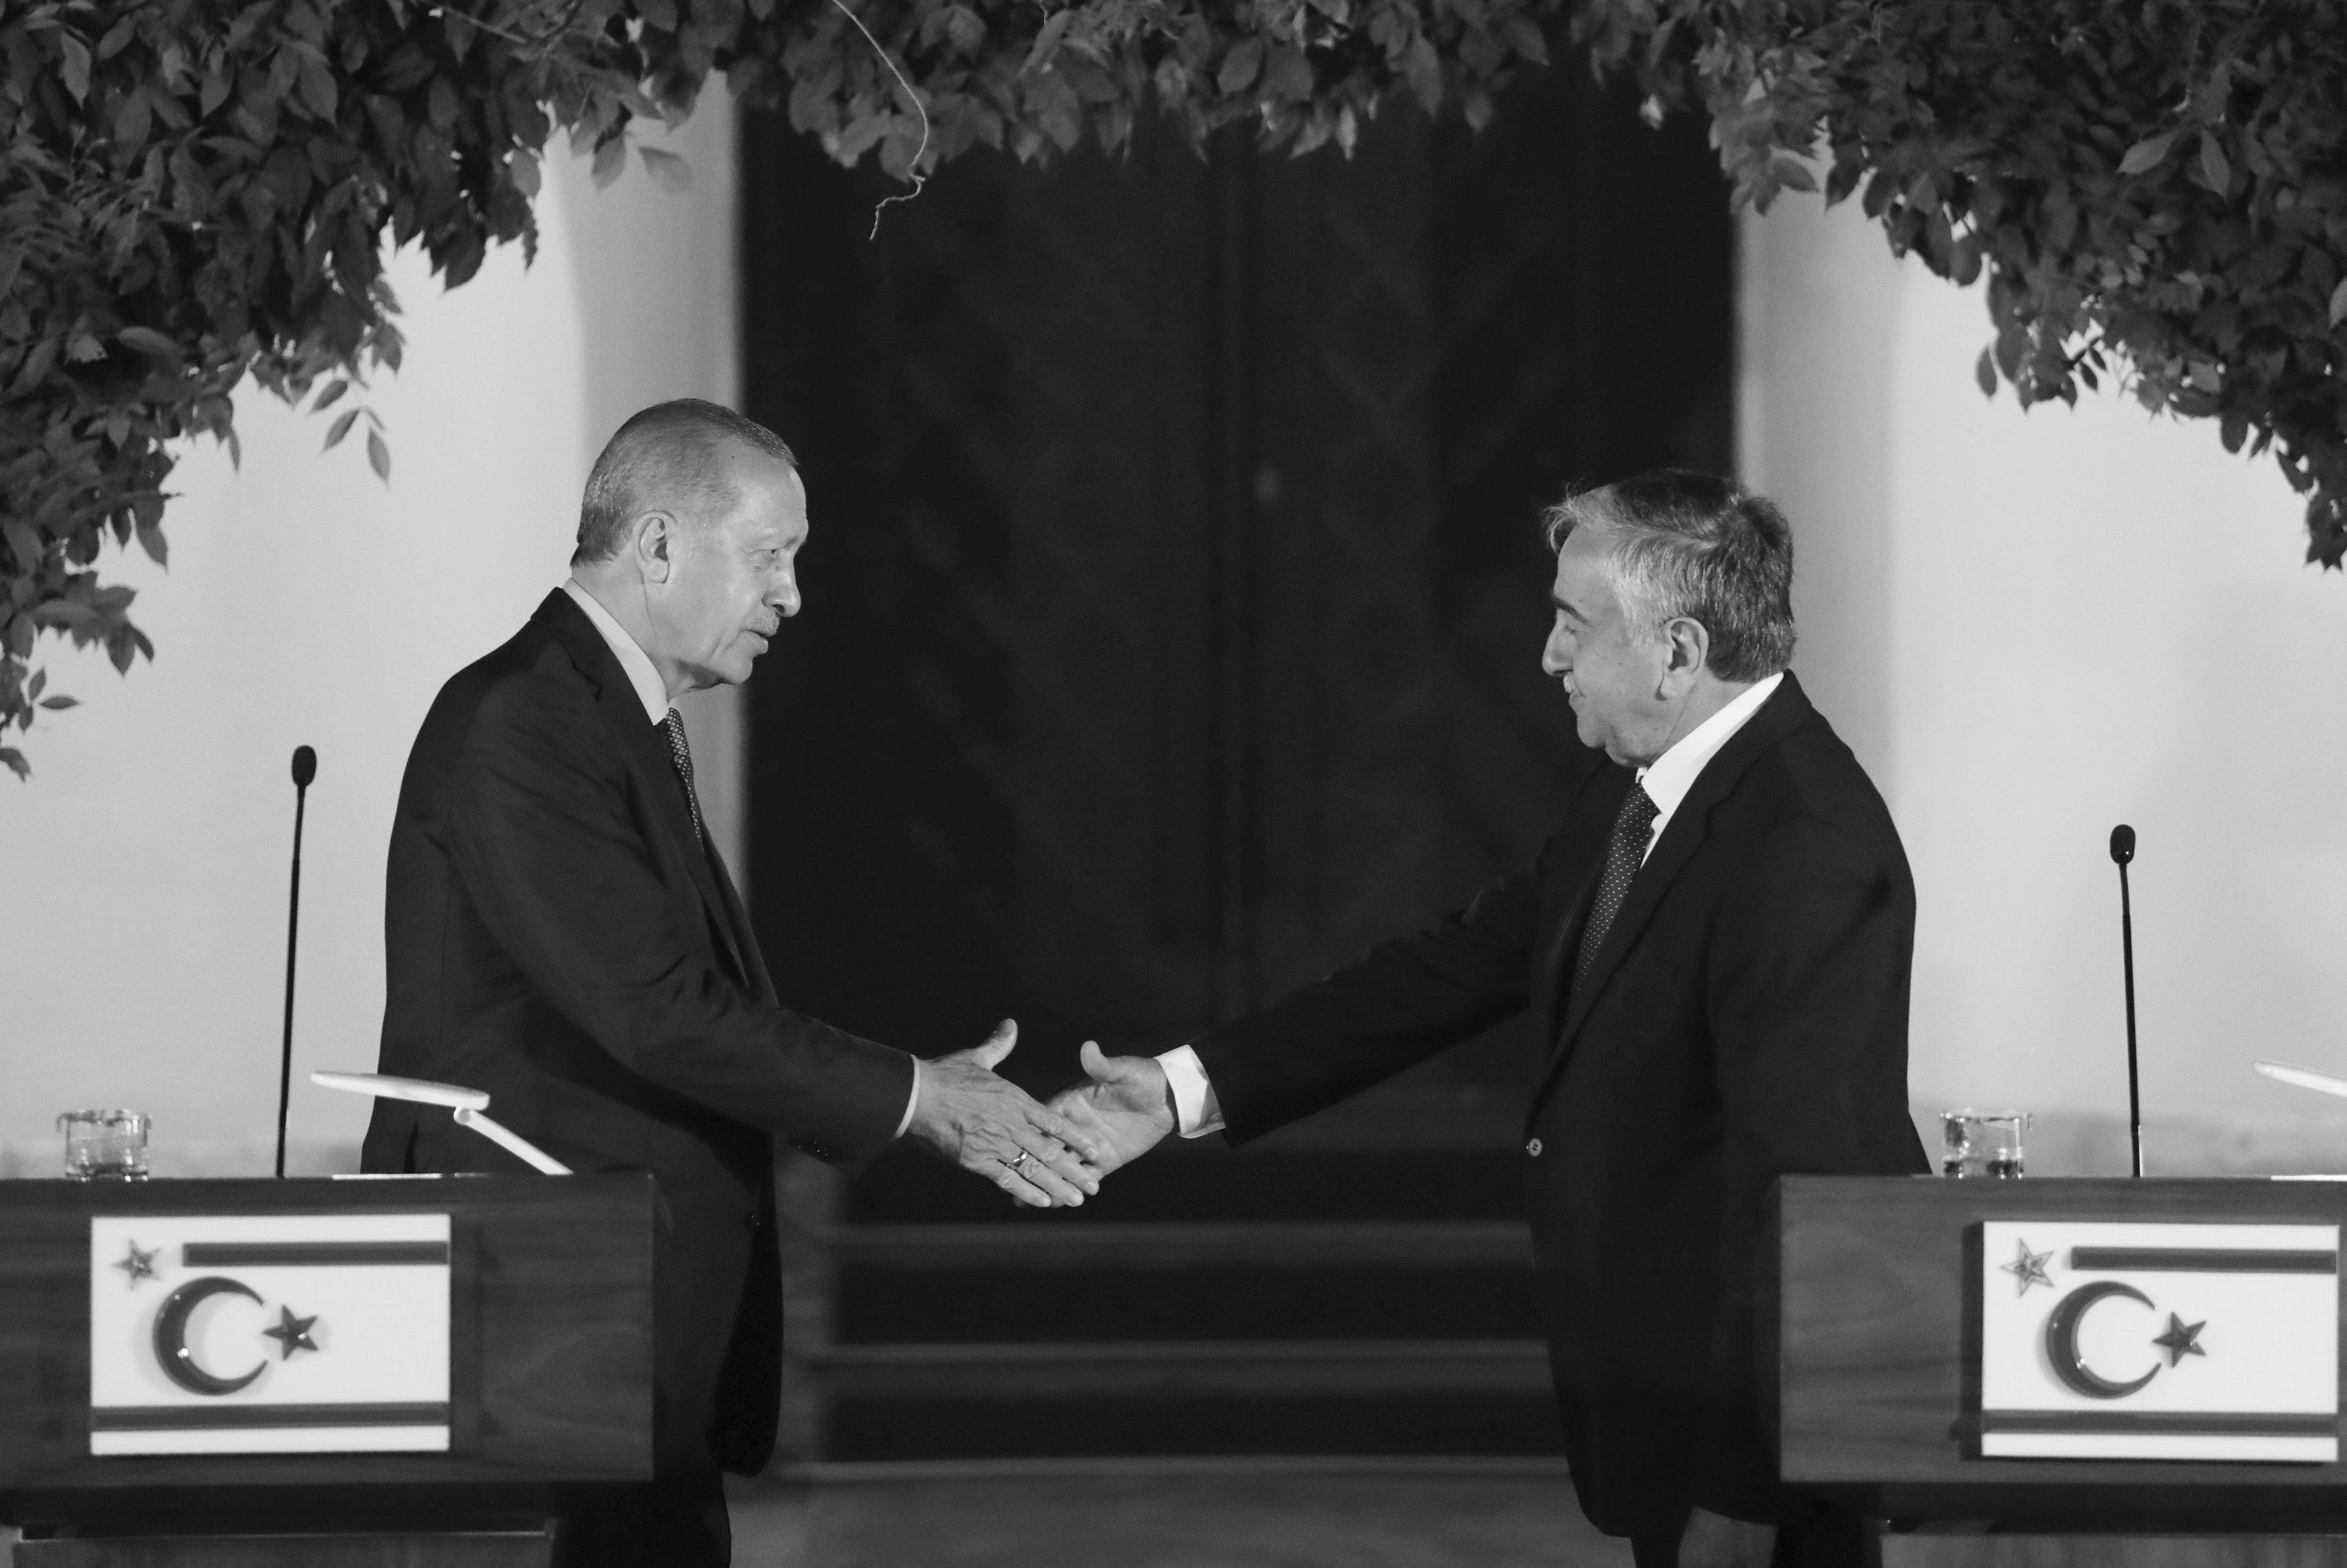 """Οργή Ερντογάν κατά Ακιντζί για τη Συρία! """"Να του δώσουν ένα μάθημα οι Τουρκοκύπριοι"""""""